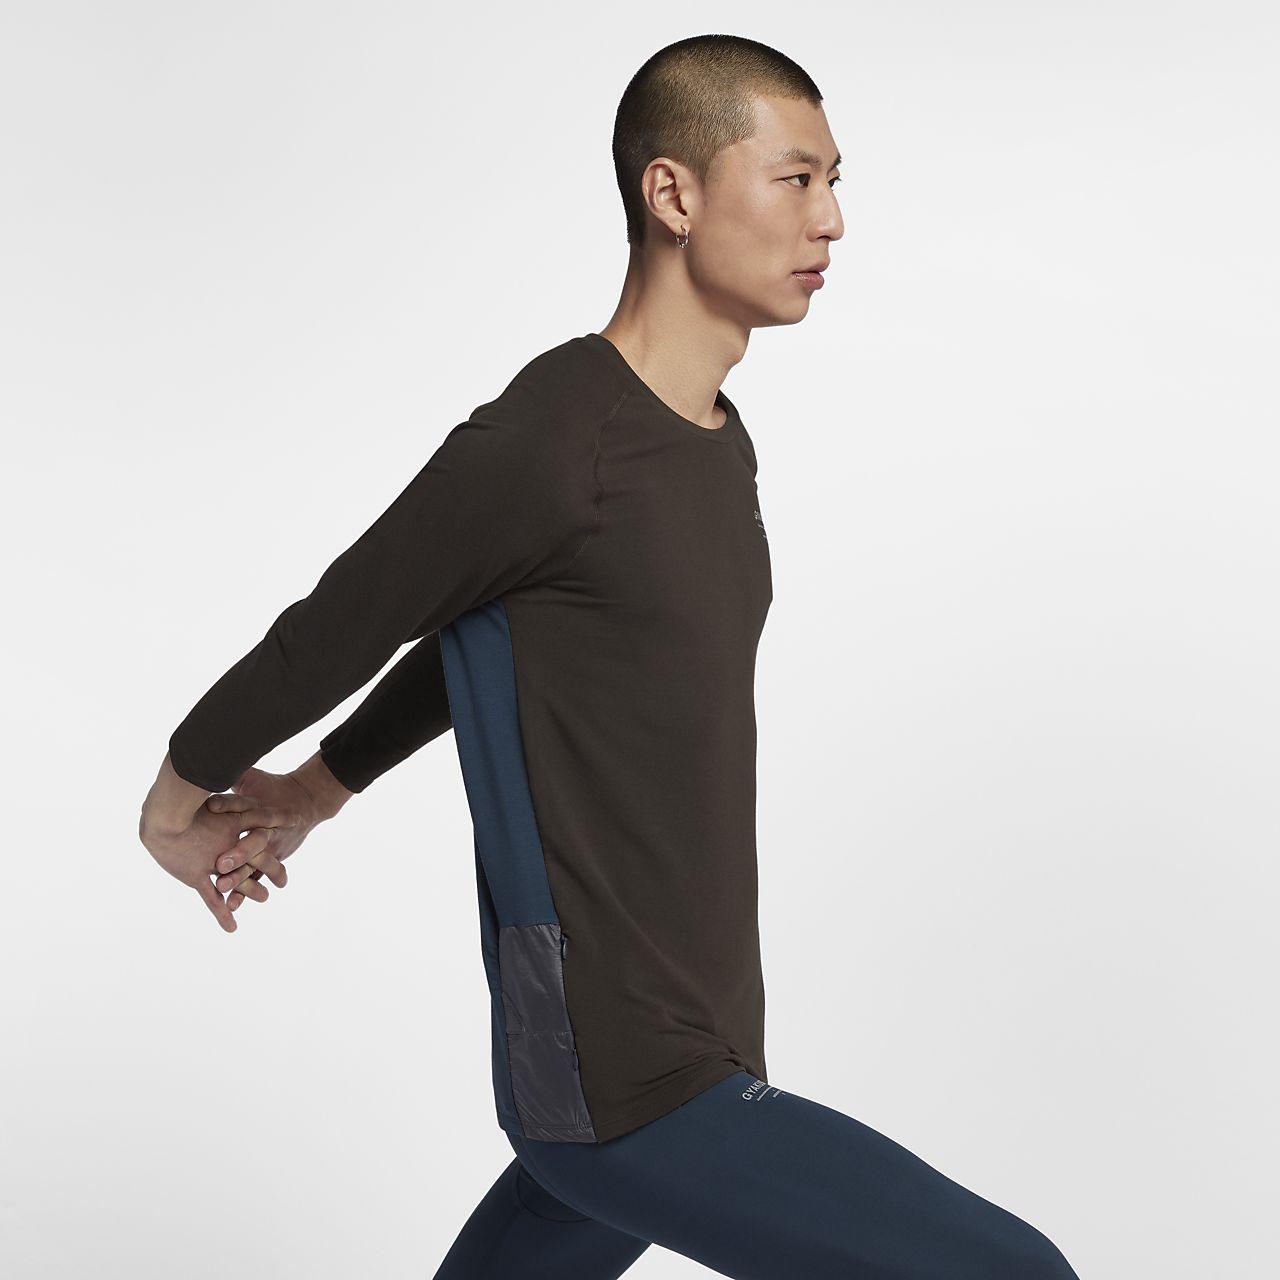 Nike Gyakusou Dri-FIT Men's Long-Sleeve Top